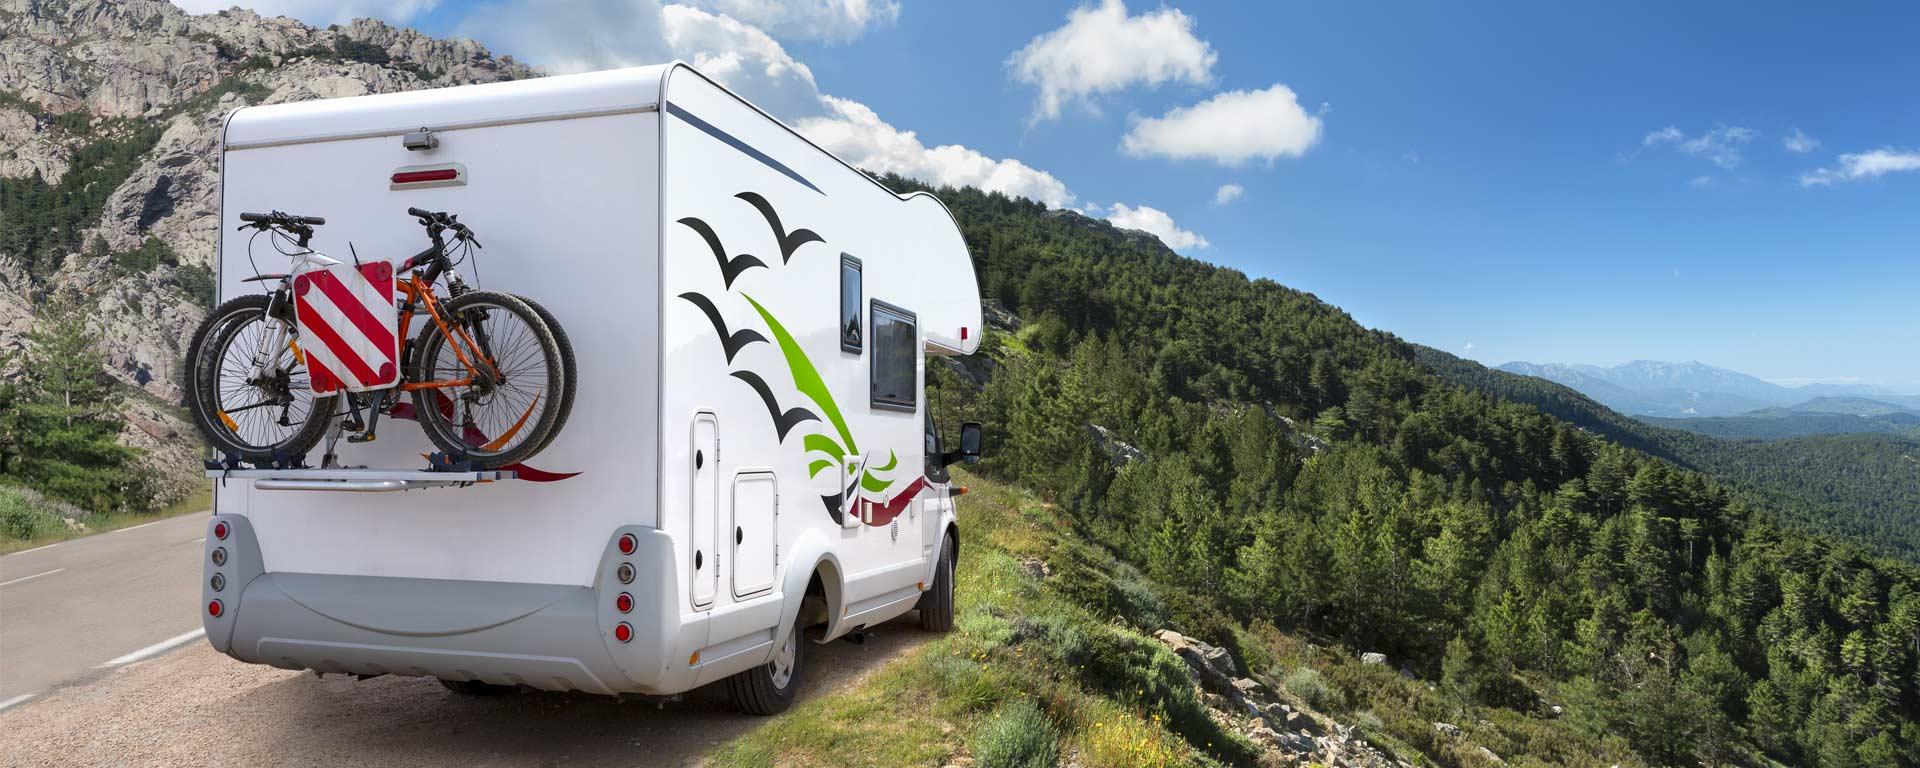 prise en charge complète de votre camping-car par des spécialistes agréés